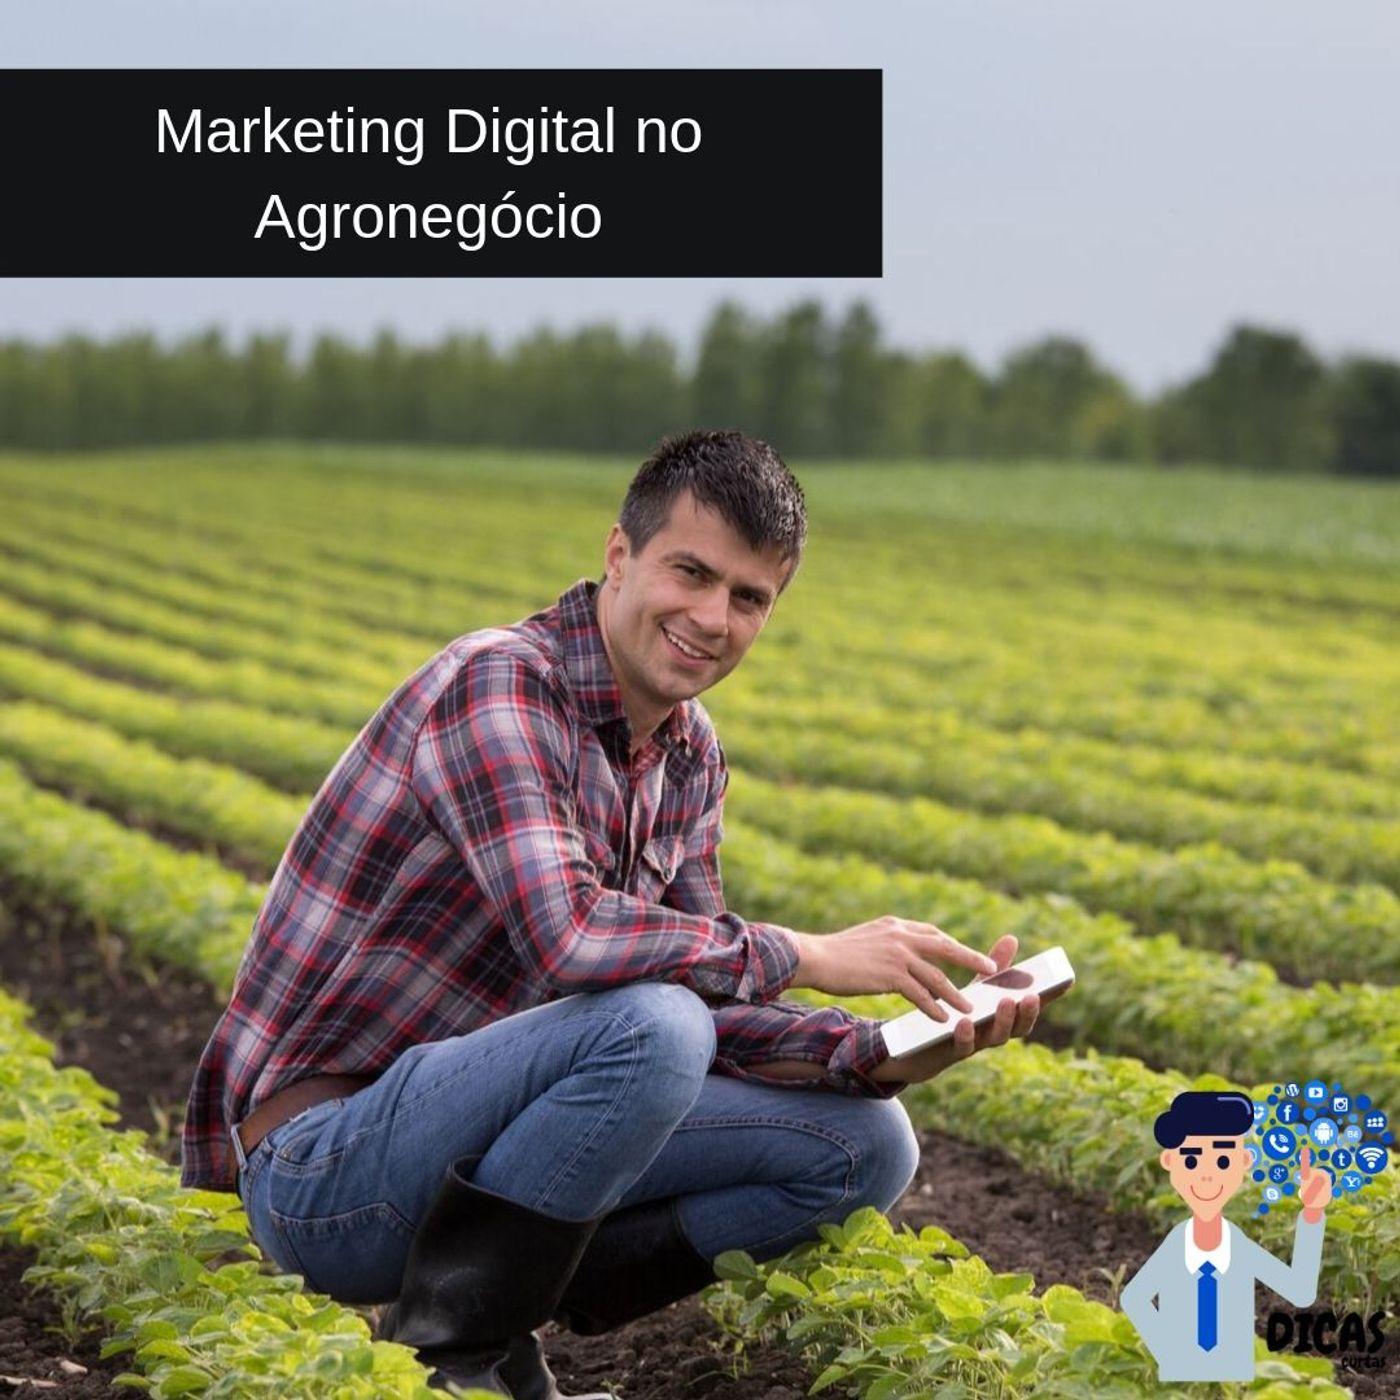 083 Marketing Digital no Agronegócio